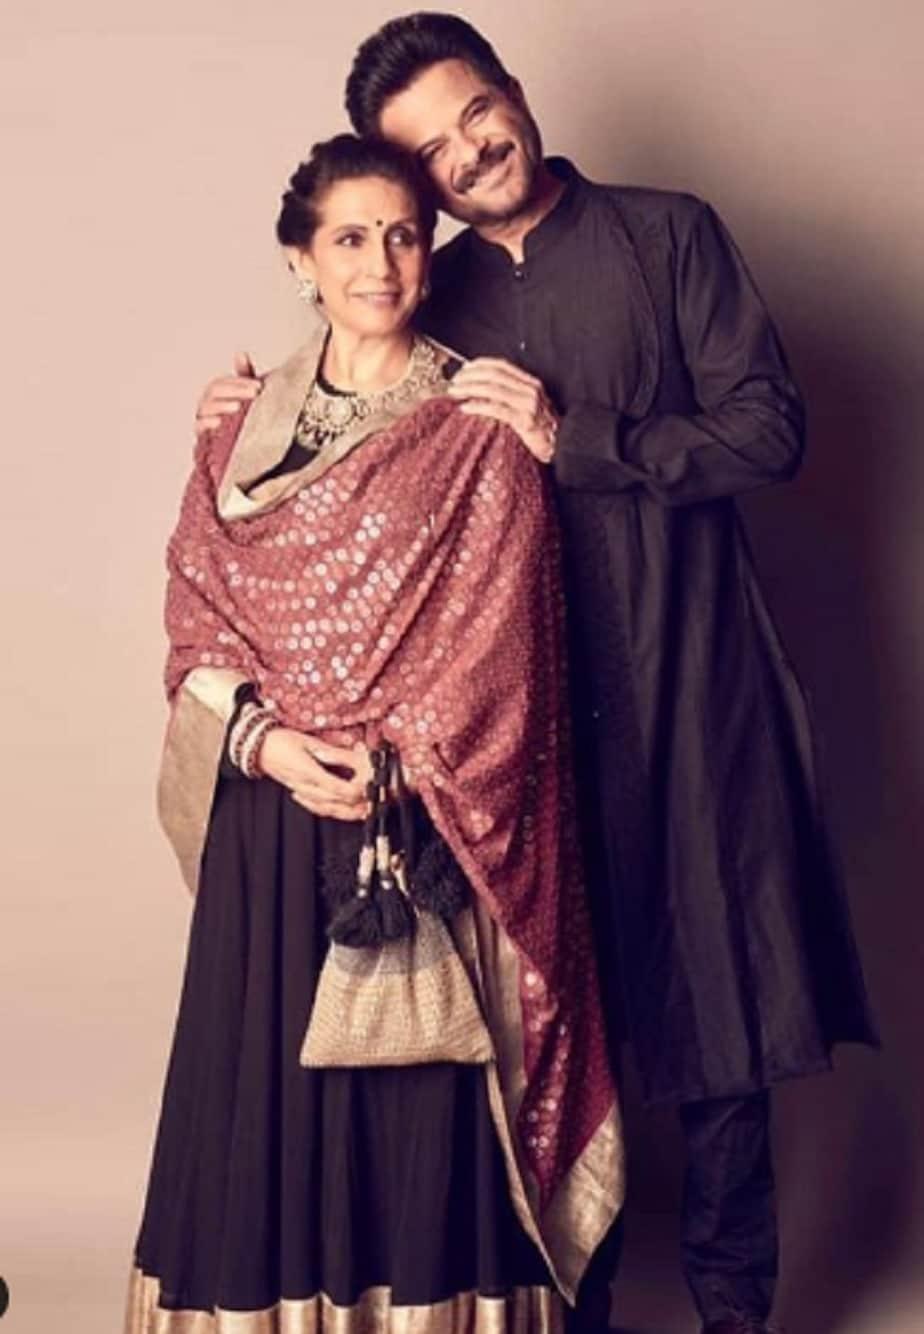 63 ವರ್ಷದ ನಟ ಅನಿಲ್ ಕಪೂರ್ ಹಾಗೂ ಅವರ ಪತ್ನಿ ಸುನಿತಾ ಕಪೂರ್ ಅವರ ವಿವಾಹವಾಗಿ 36 ವರ್ಷವಾಗಿದೆ.